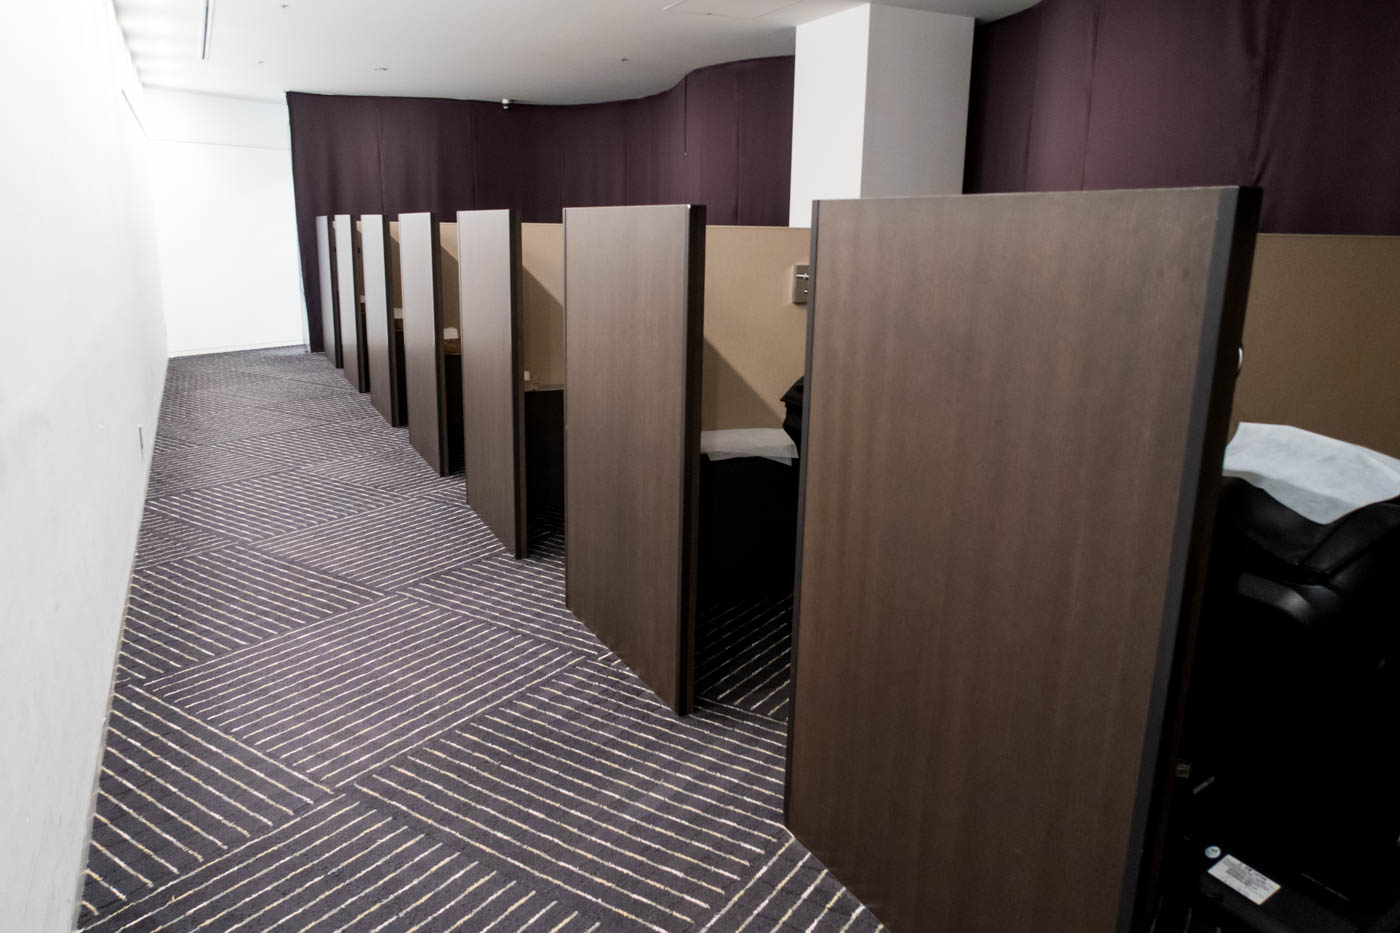 ANA Lounge Sleeping Room